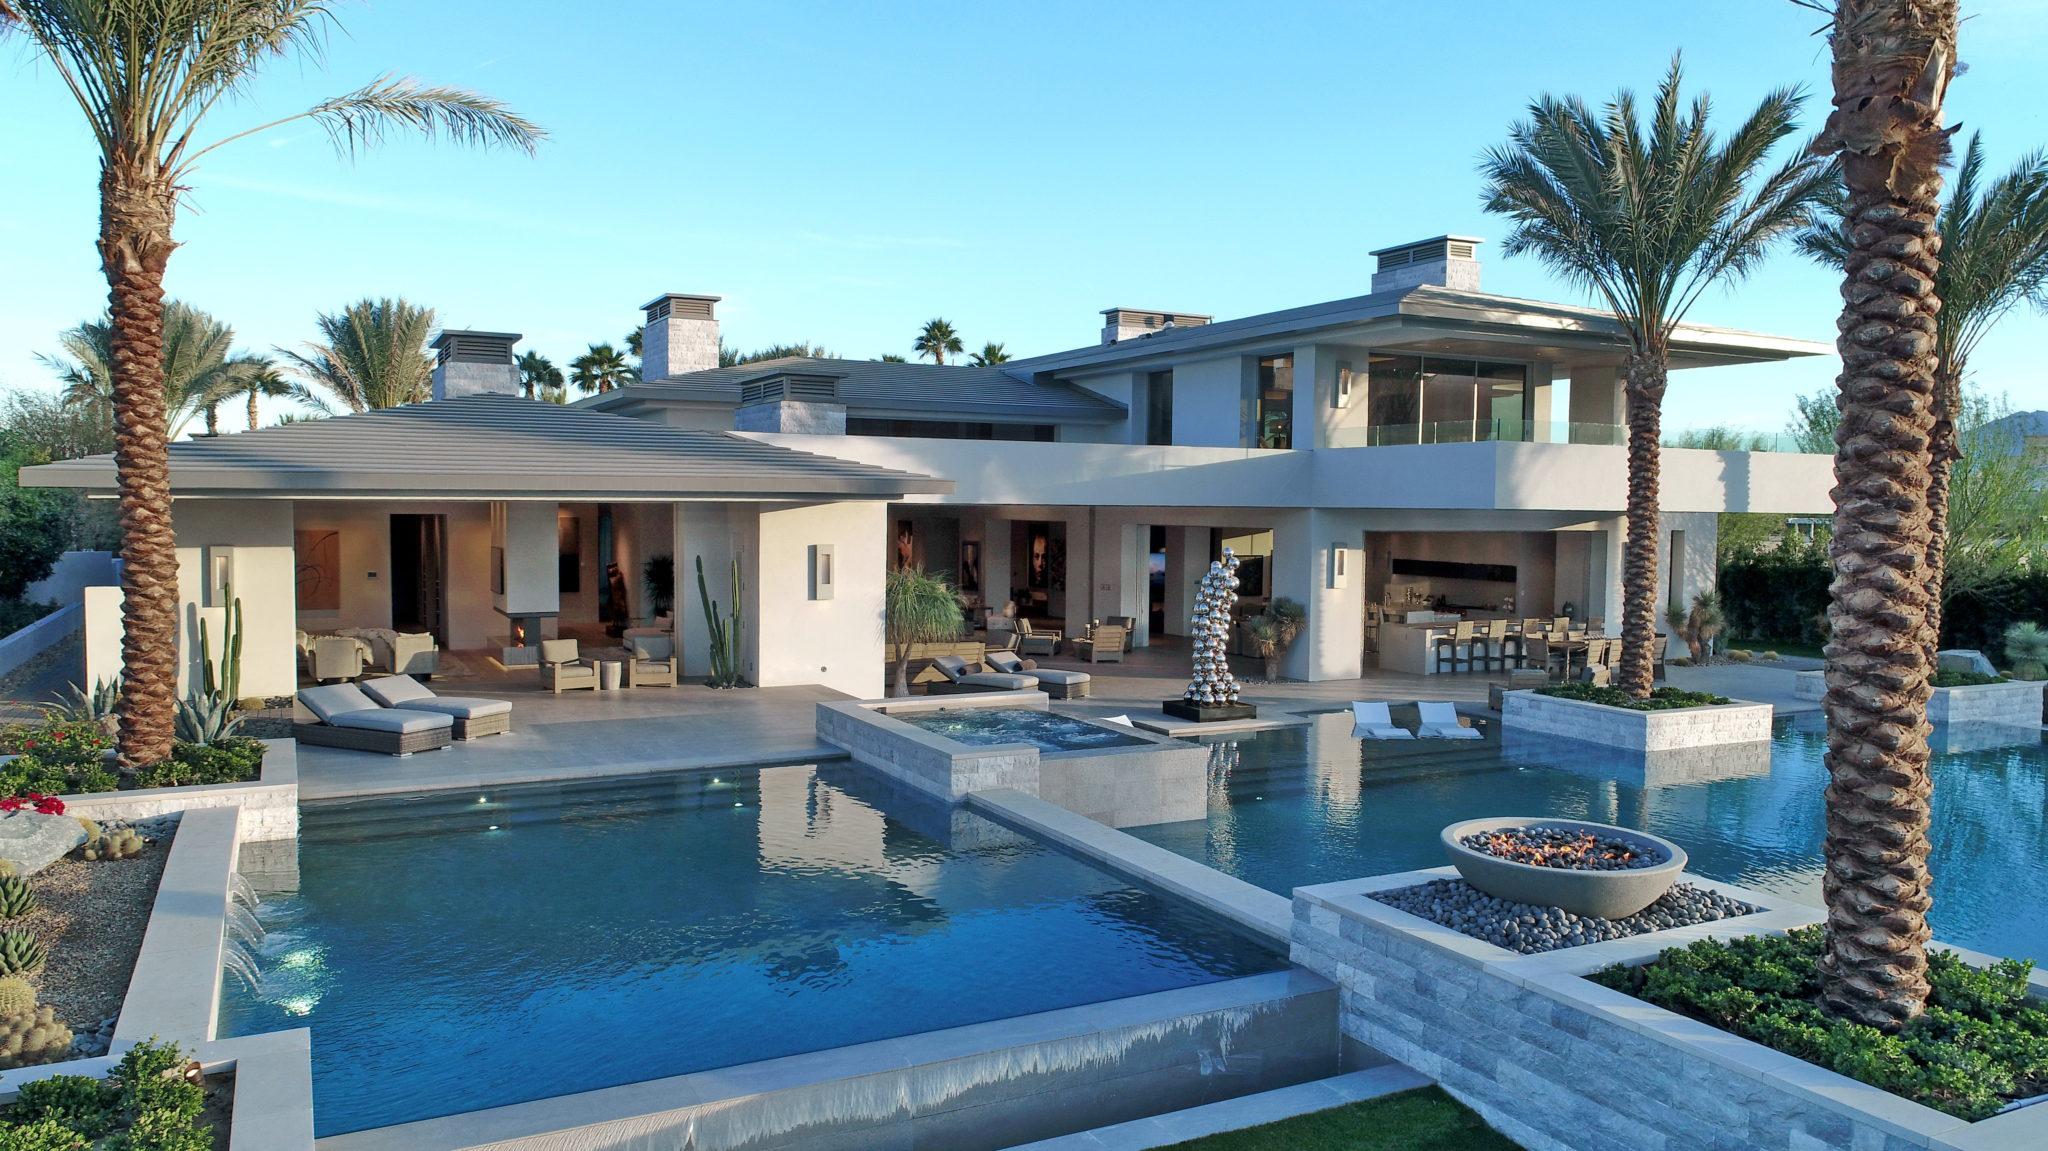 Luxury house daytime